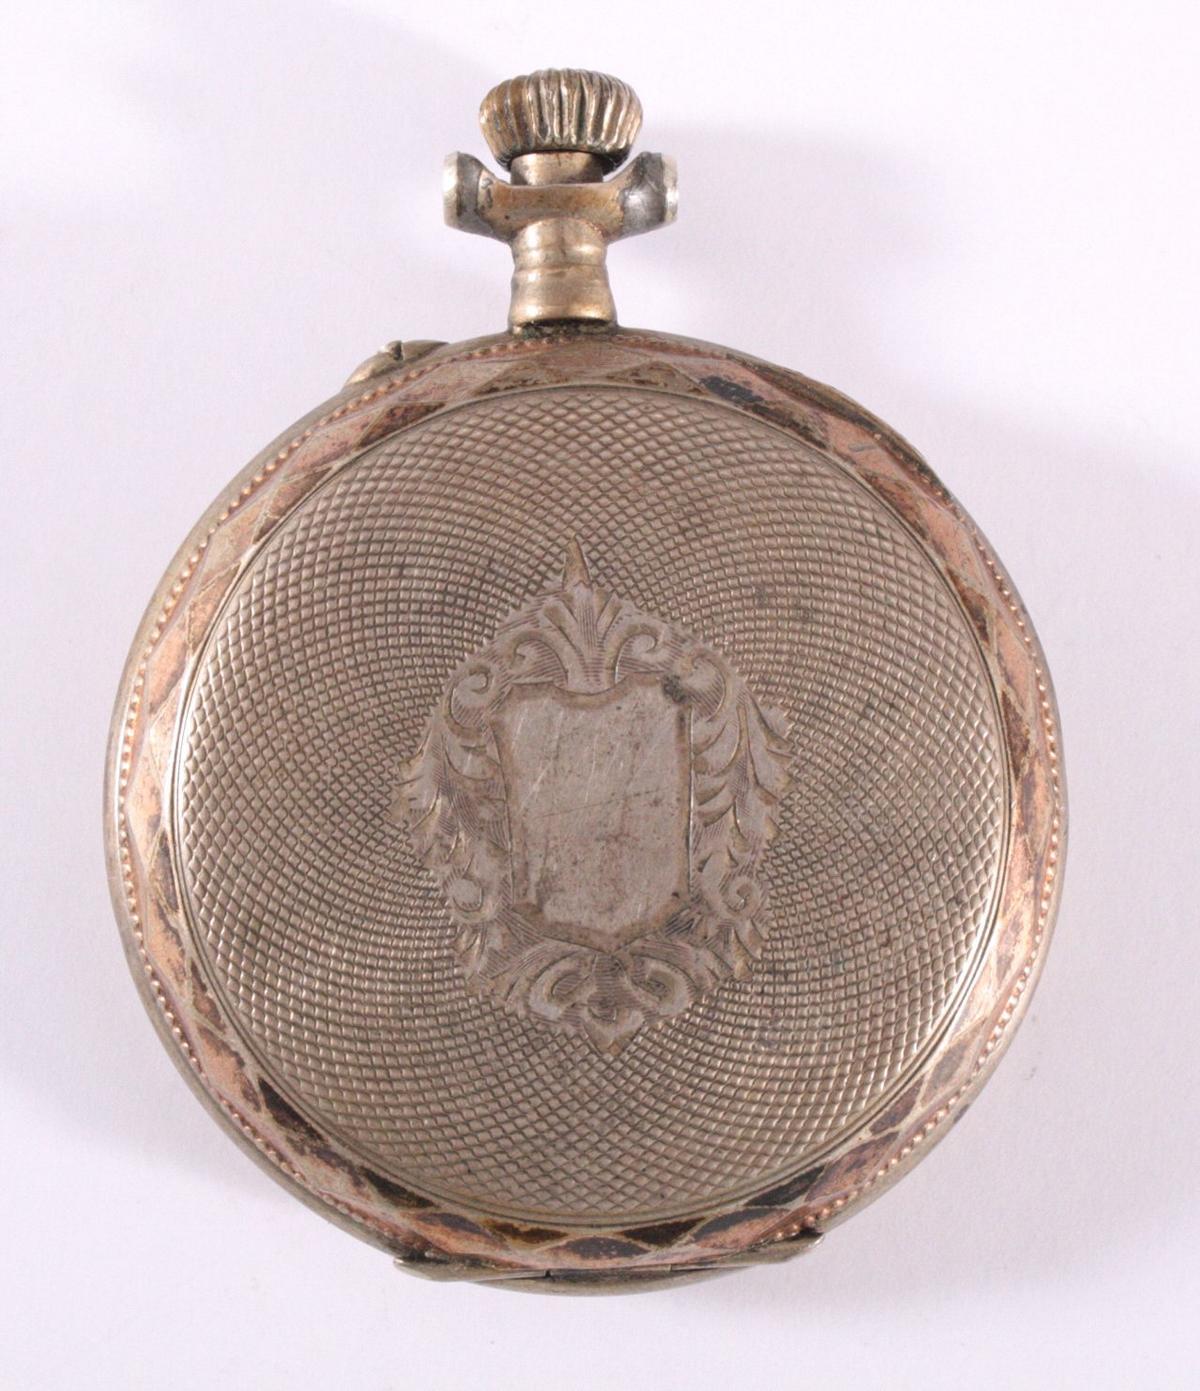 Silberne Herrentaschenuhr um 1900-1